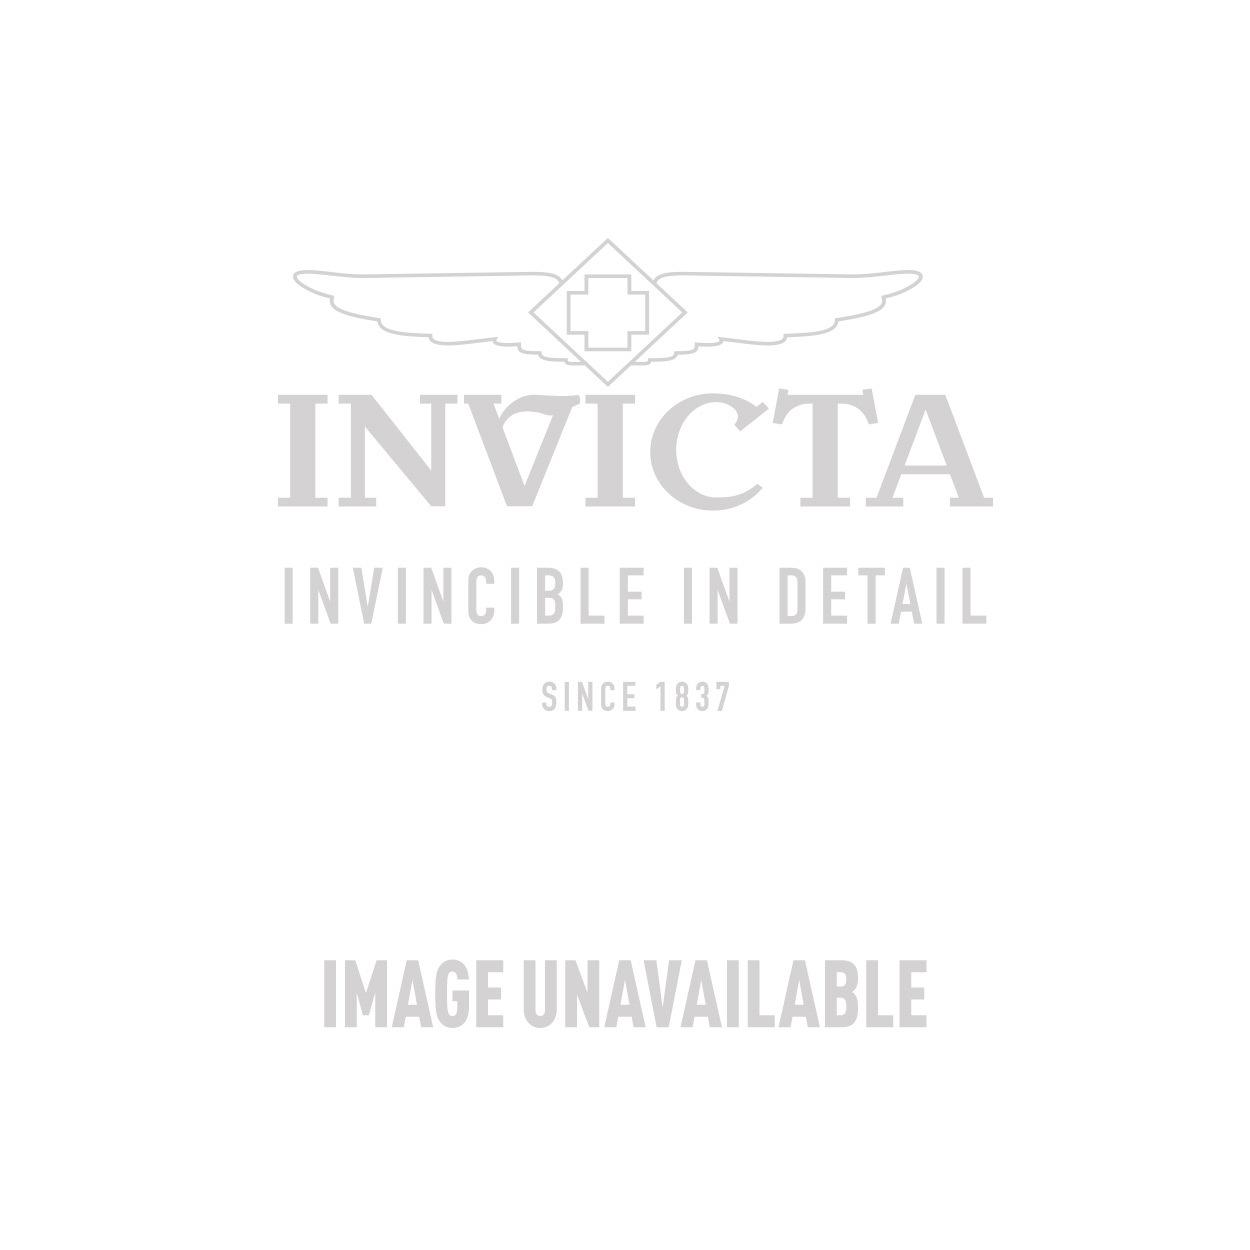 Invicta Model 22569